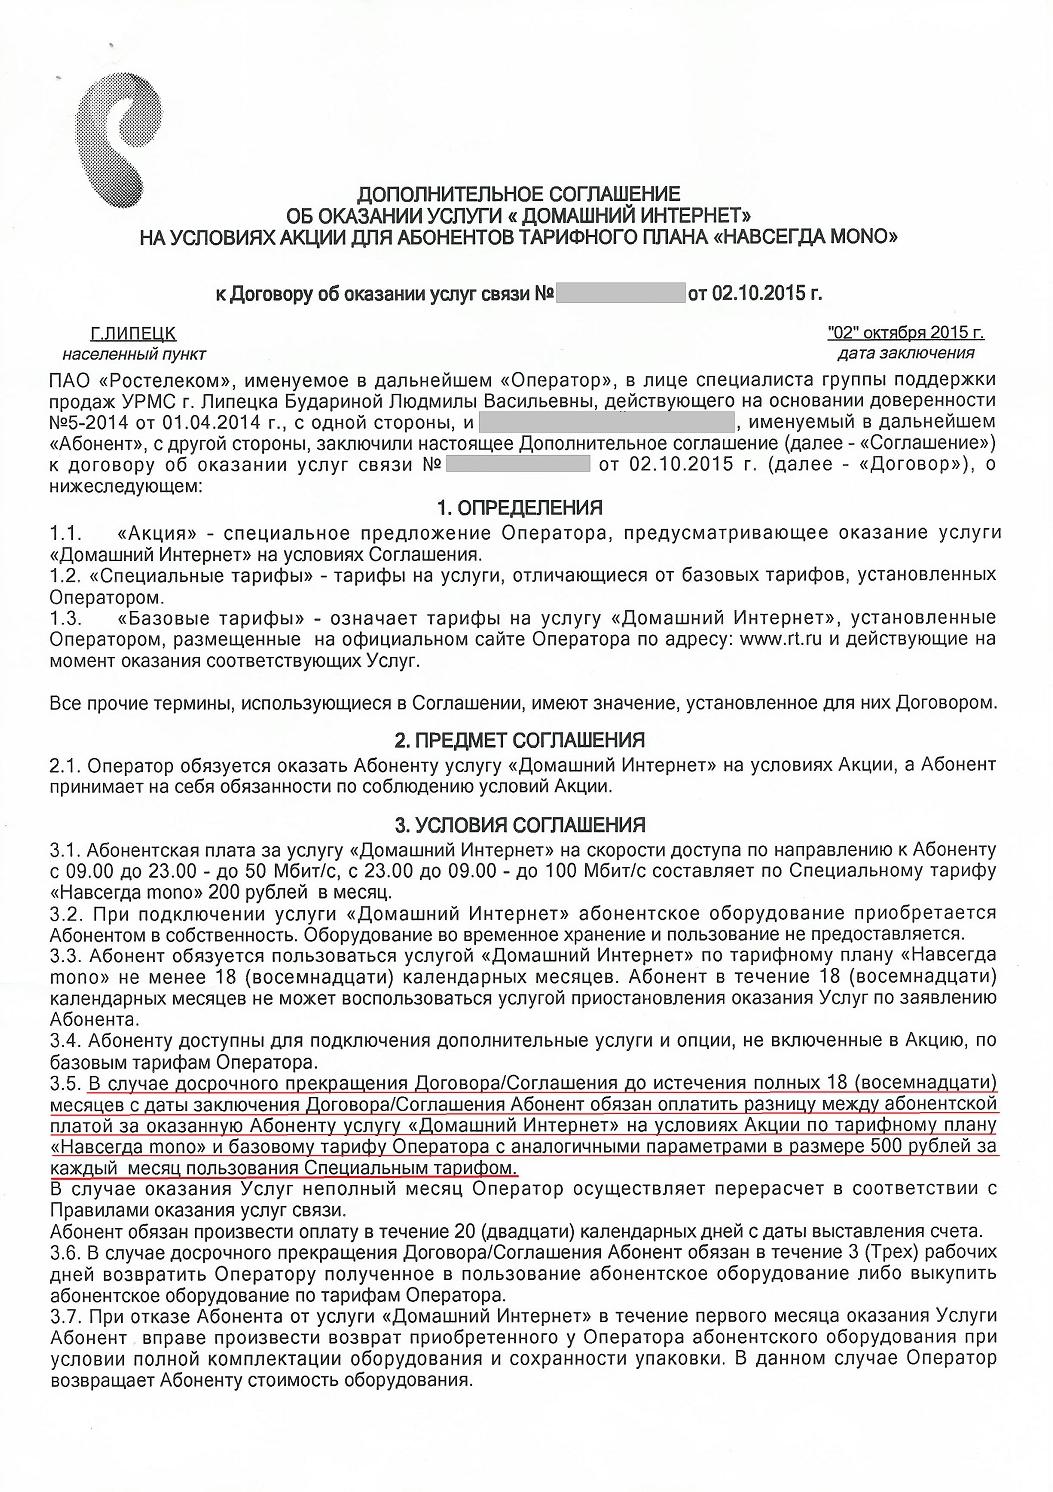 Купить больничный лист в Москве Коптево у профсоюзной